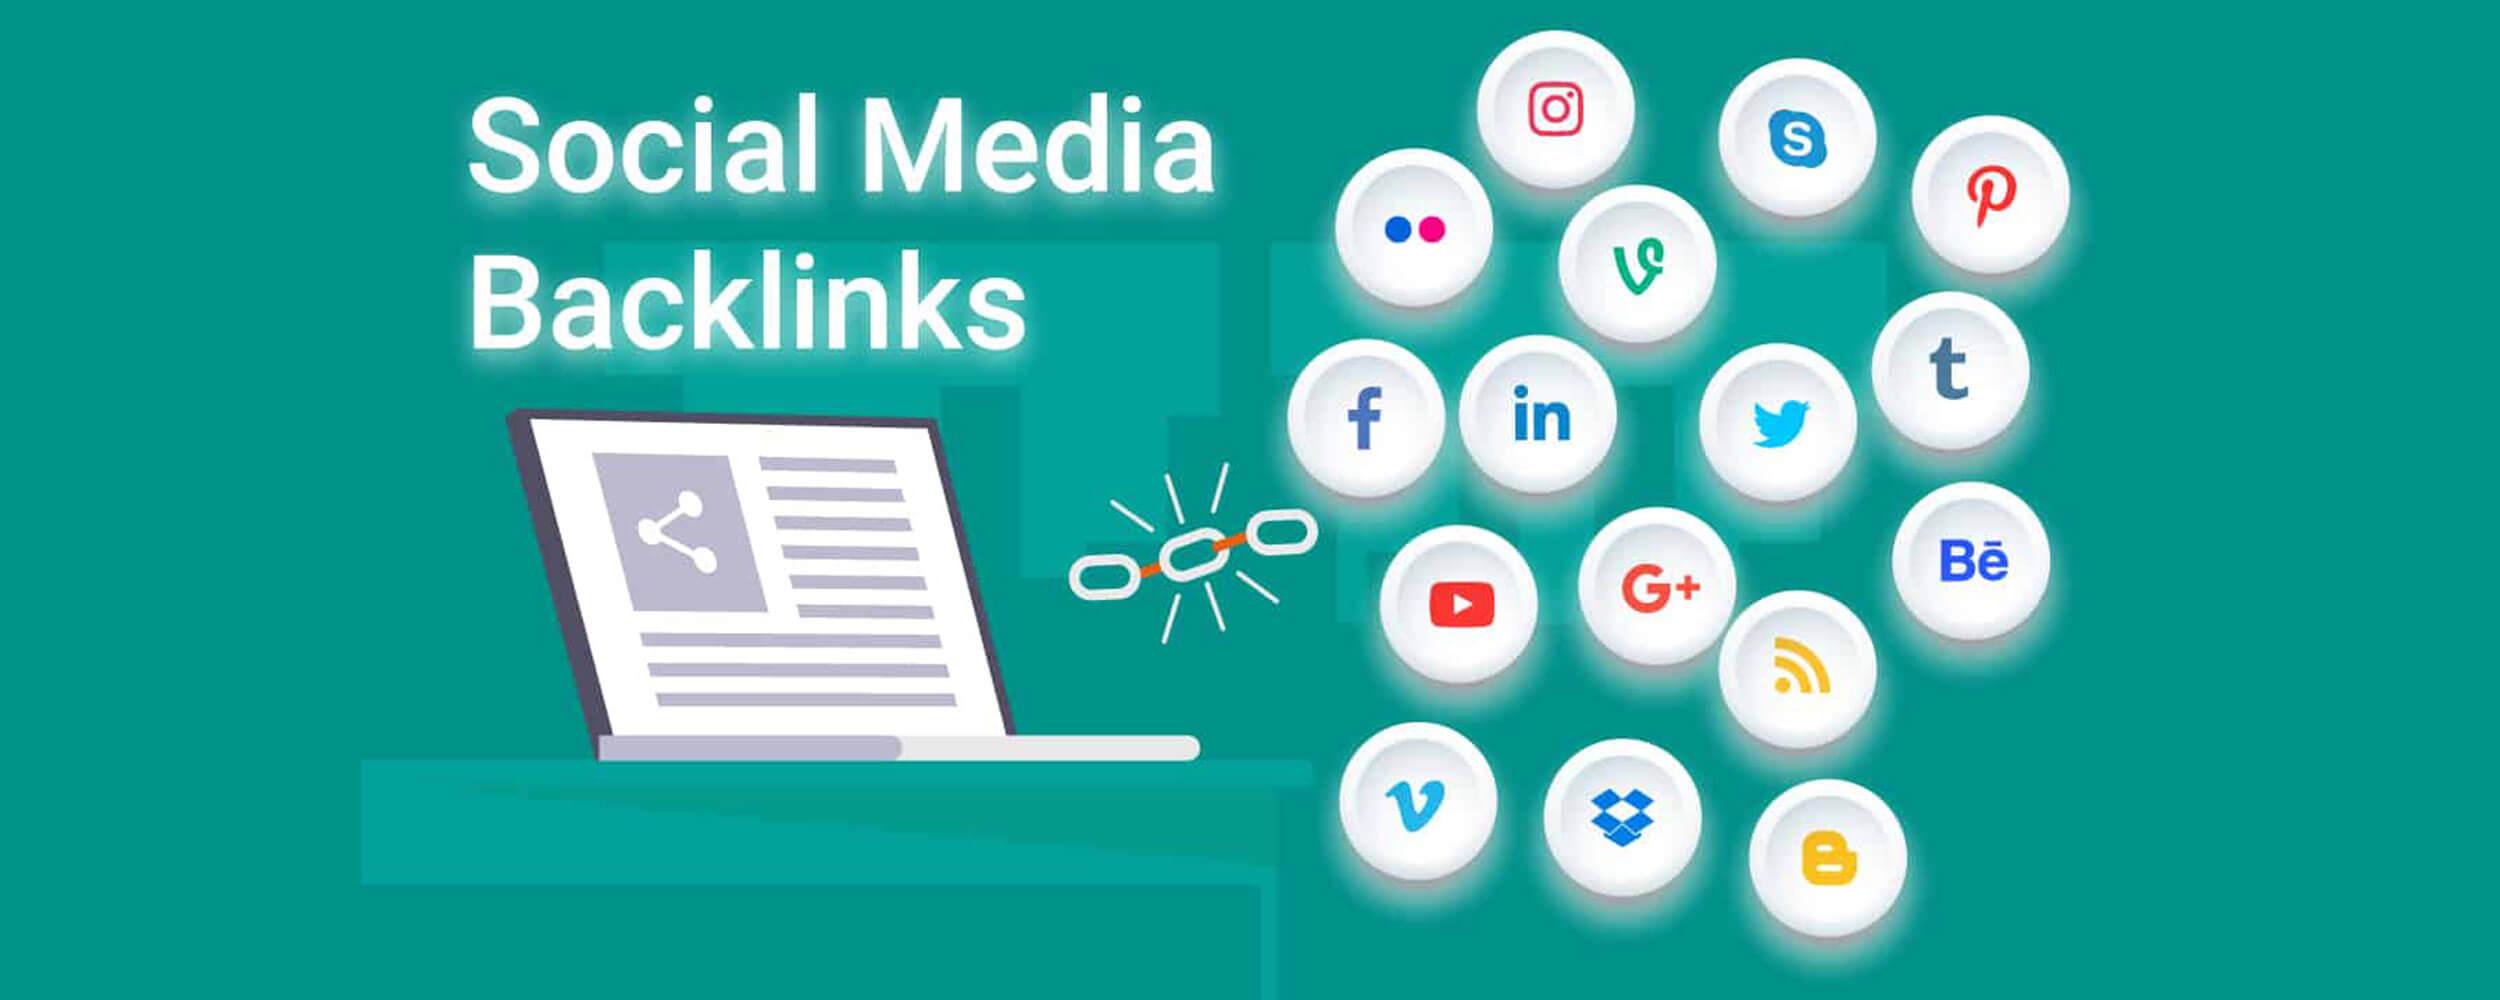 بک لینک شبکه های اجتماعی